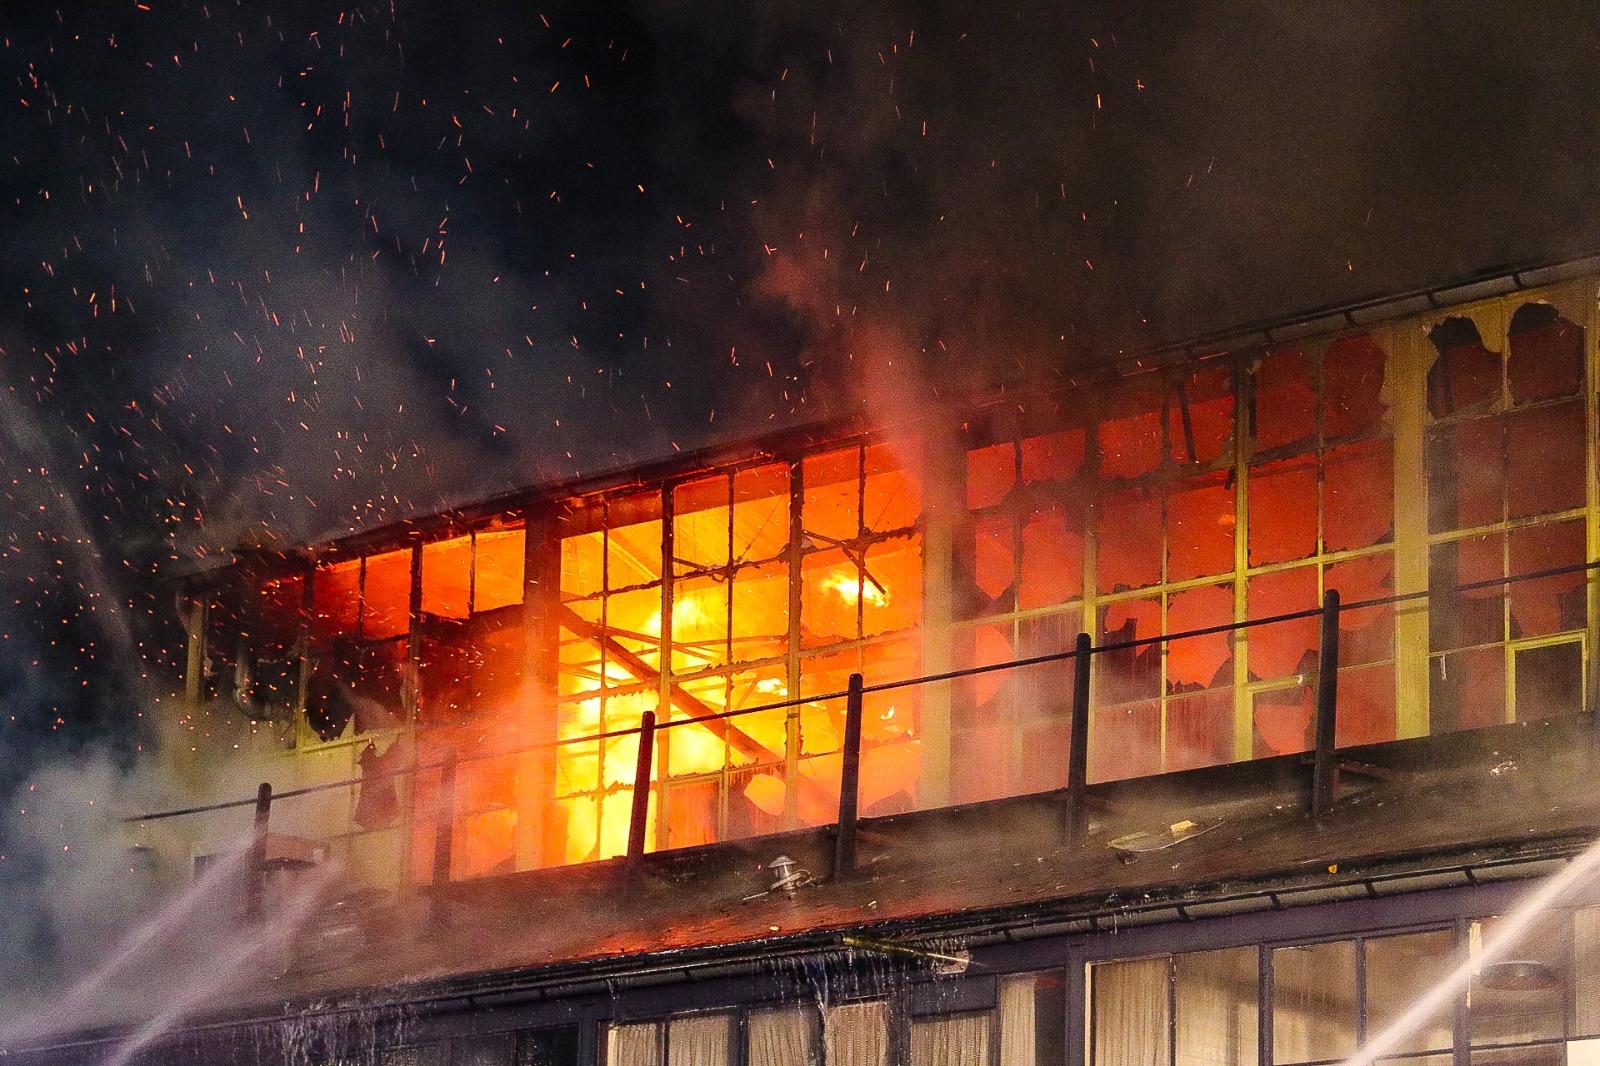 Grote brand in fabriekshal Eerbeek